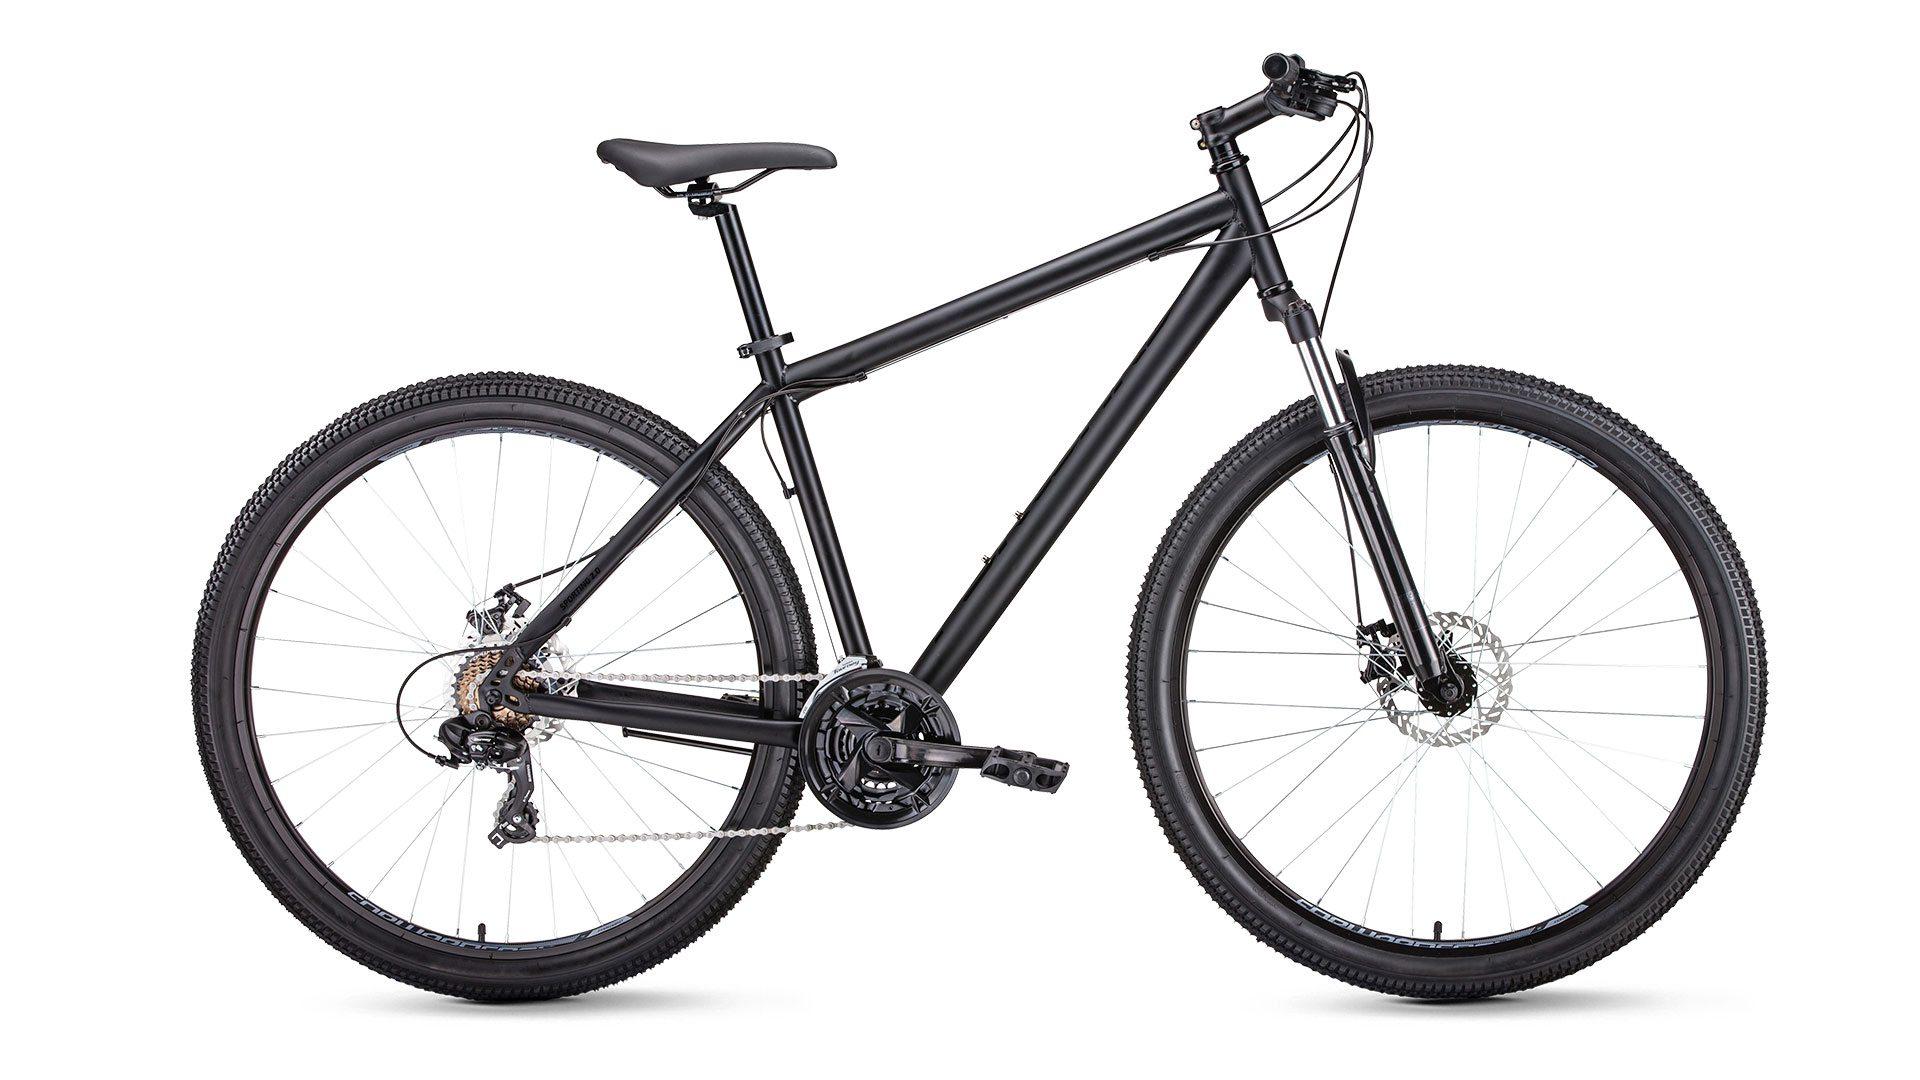 Горный велосипед Forward Sporting 29 2.1 disc (2019-2020)